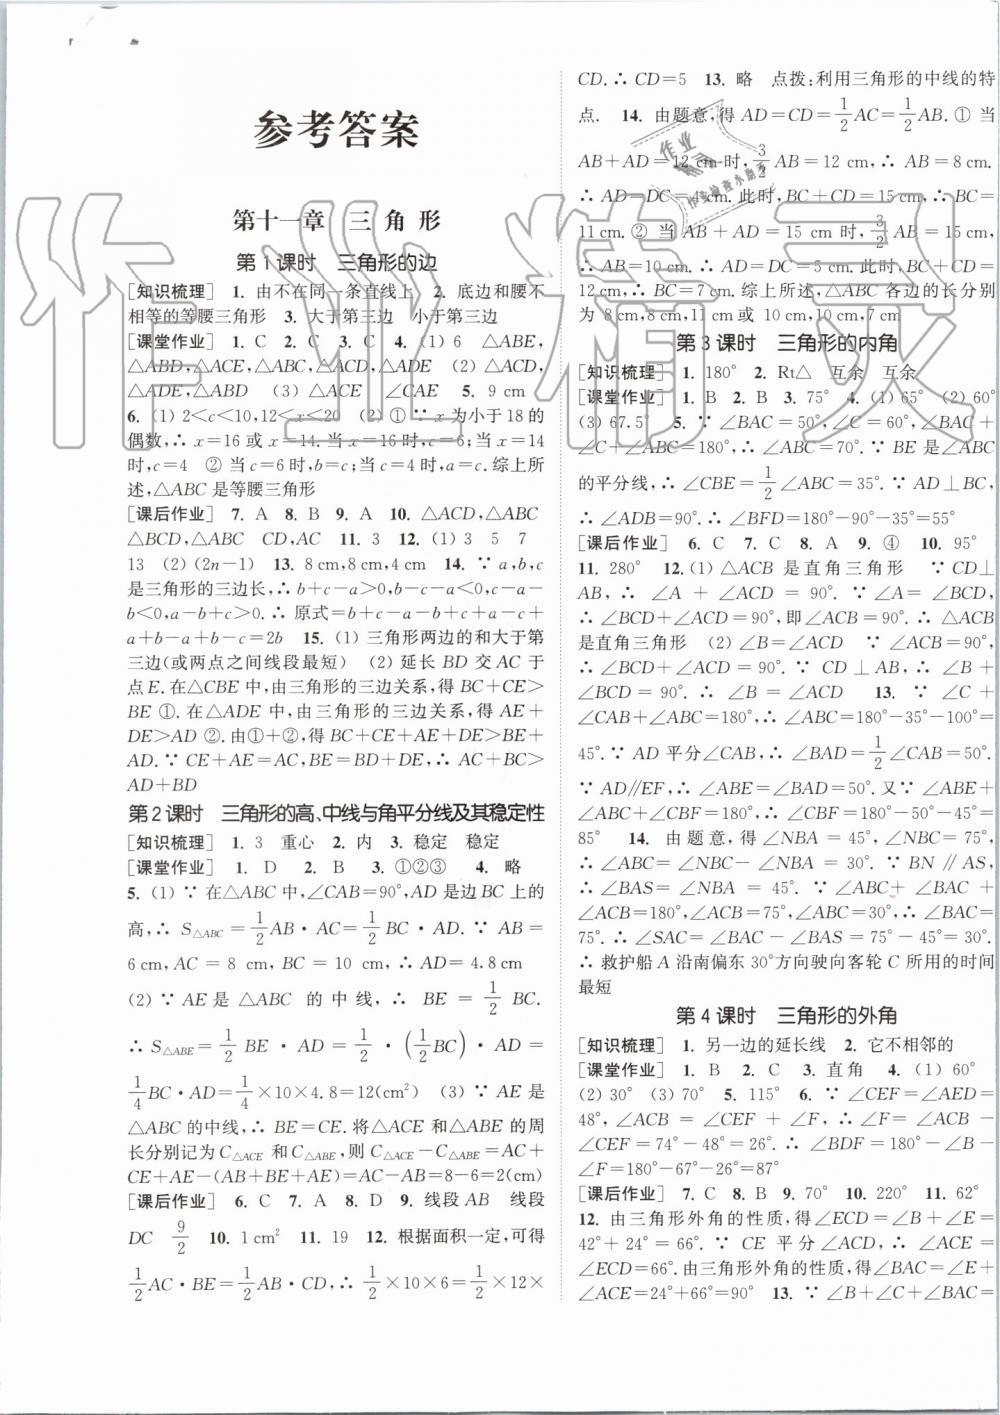 2019年通城学典课时作业本八年级数学上册人教版第1页